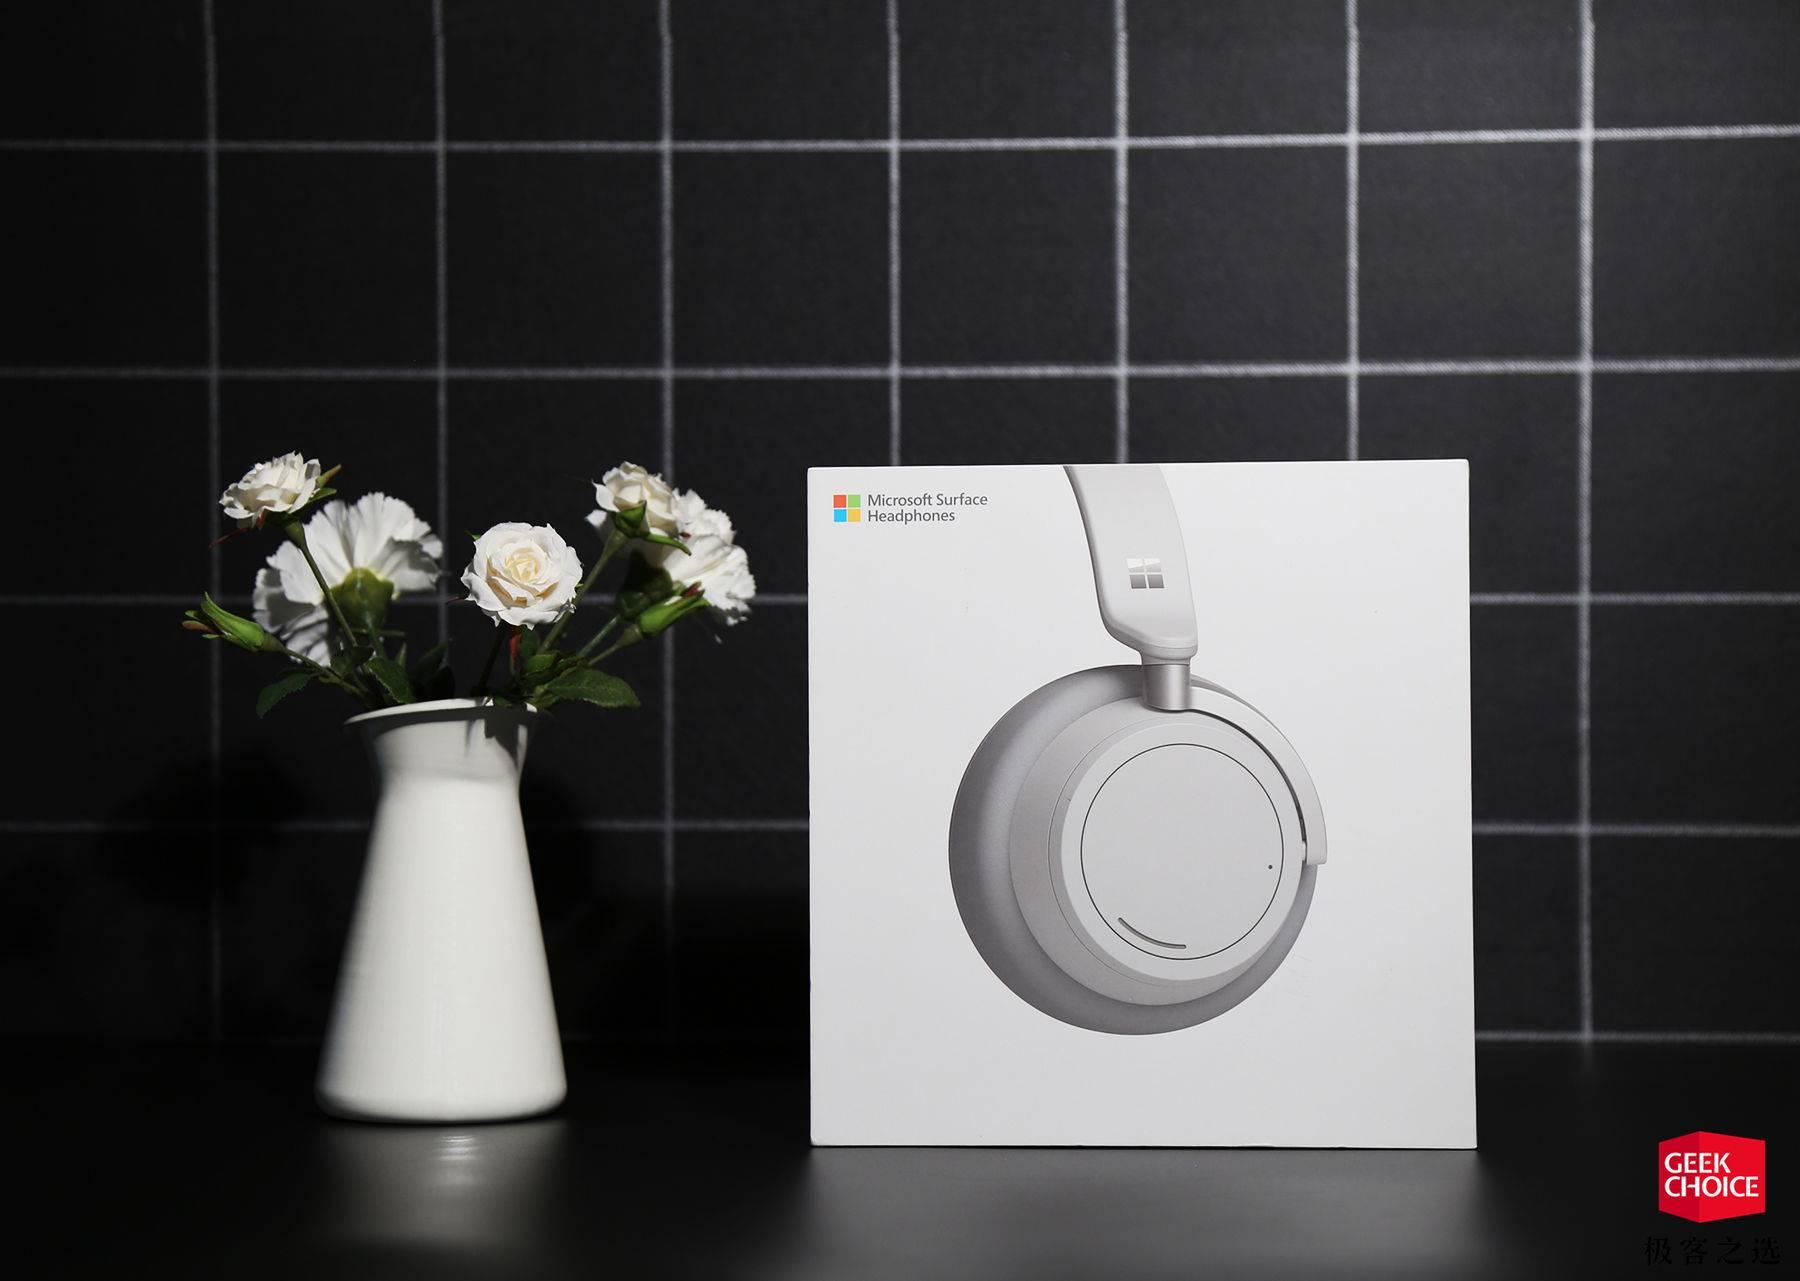 微软SurfaceHeadphones无线降噪耳机体验 一次惊艳但不完美的尝试